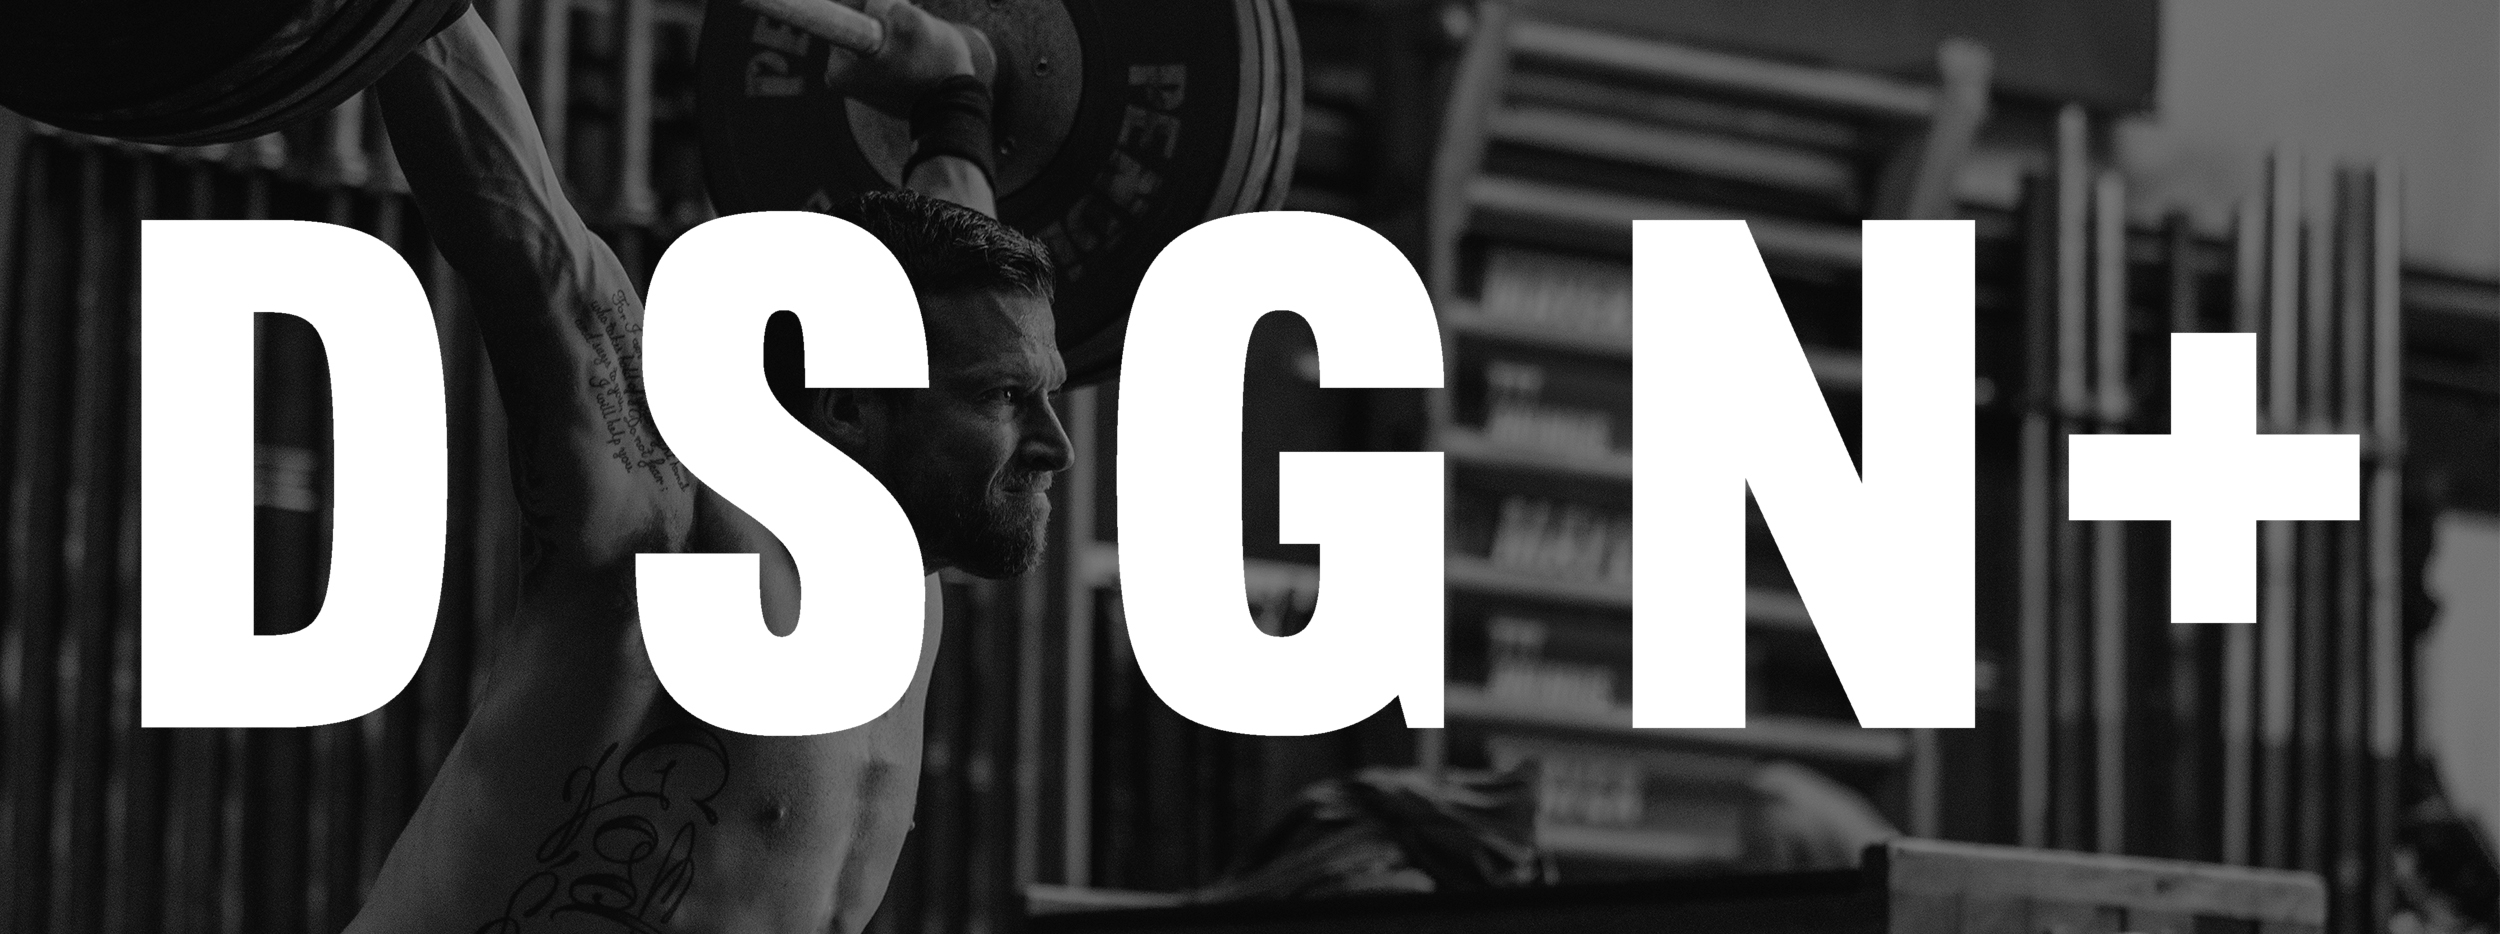 dsgn+banner.jpg